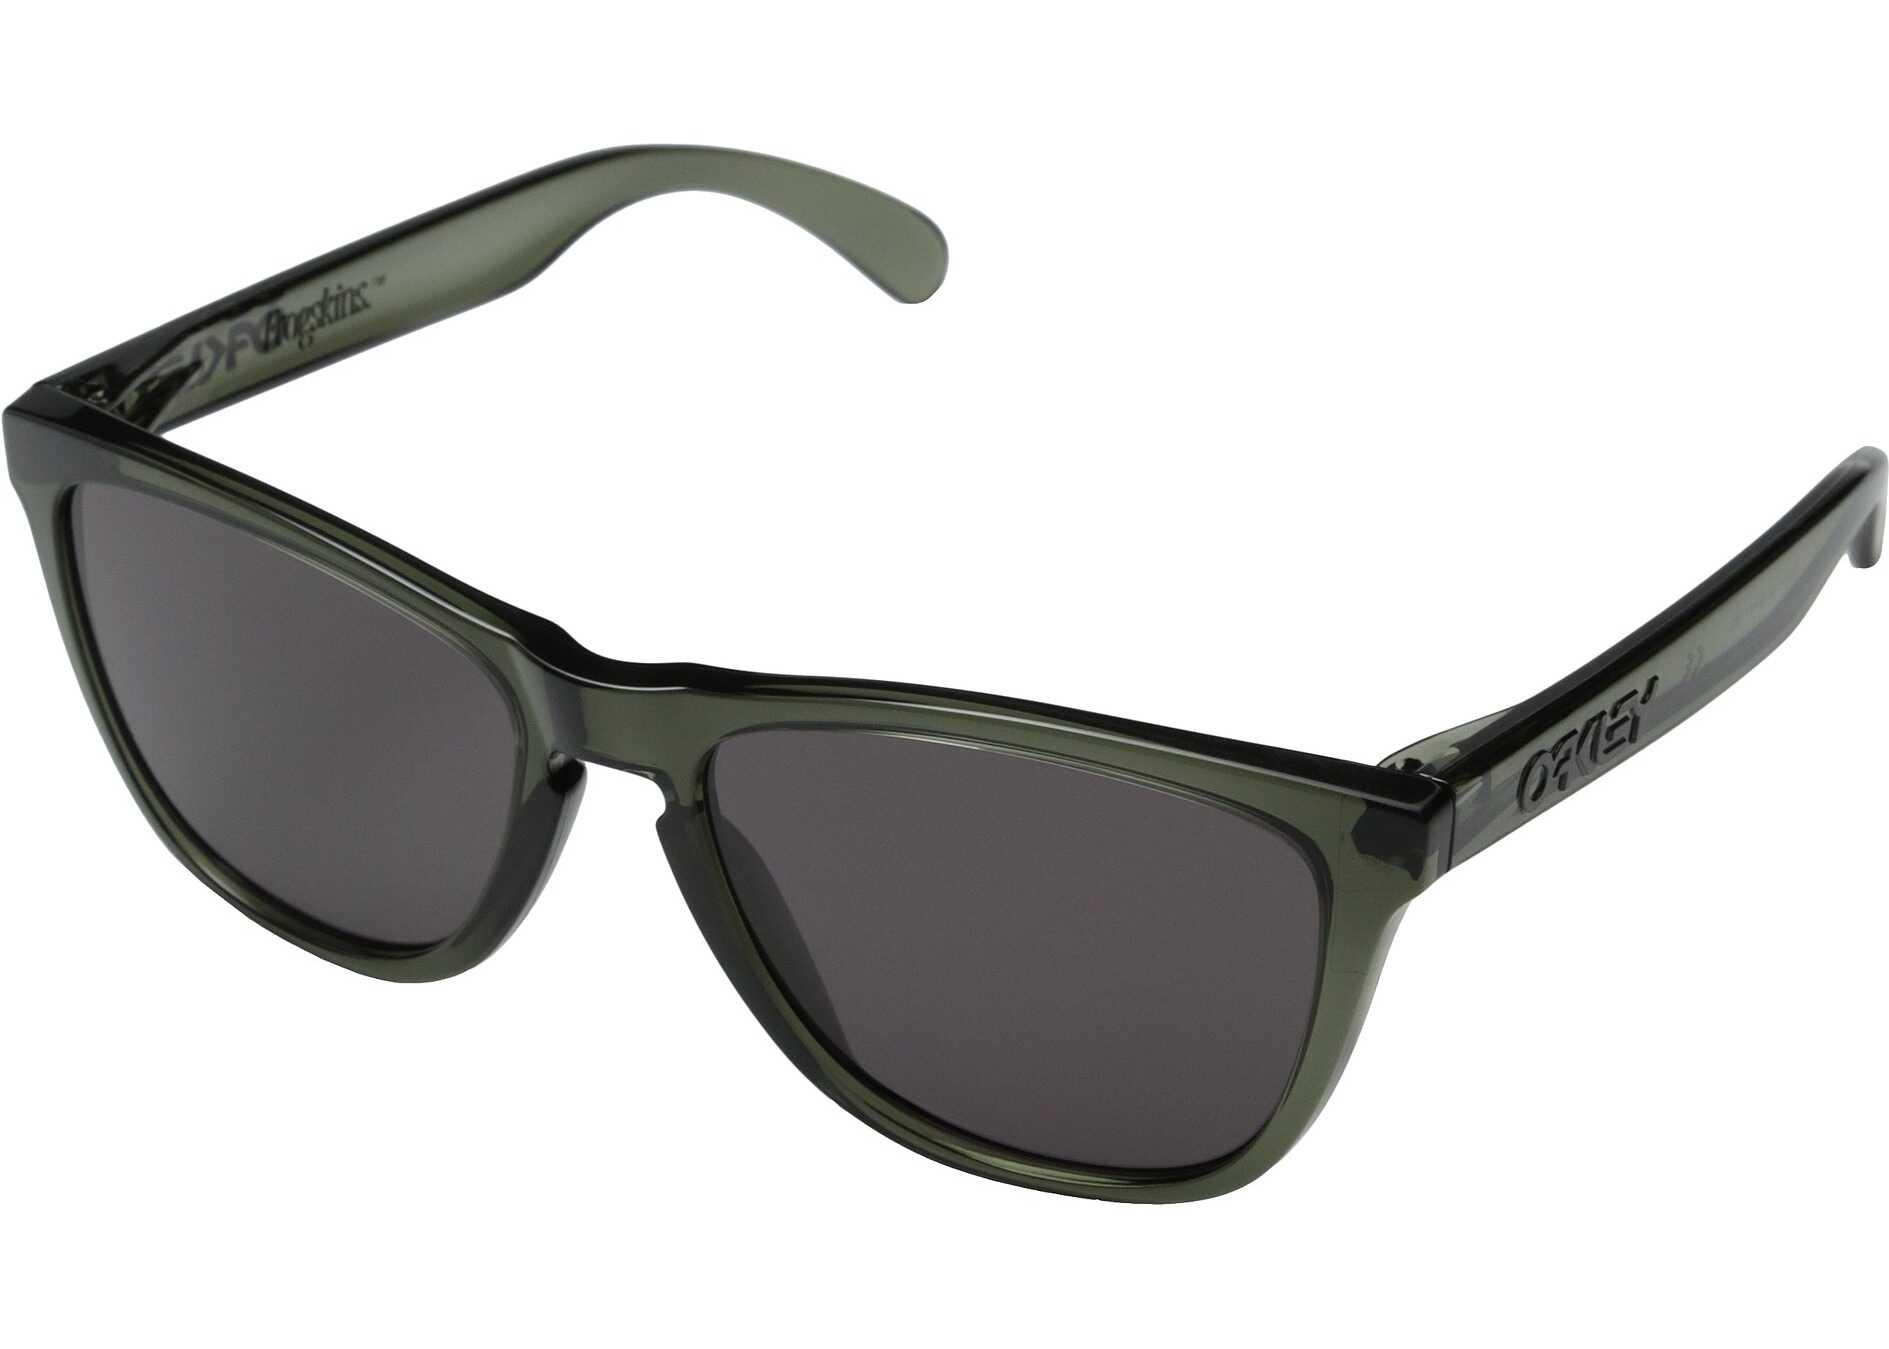 Oakley 9013 SOLE 901304